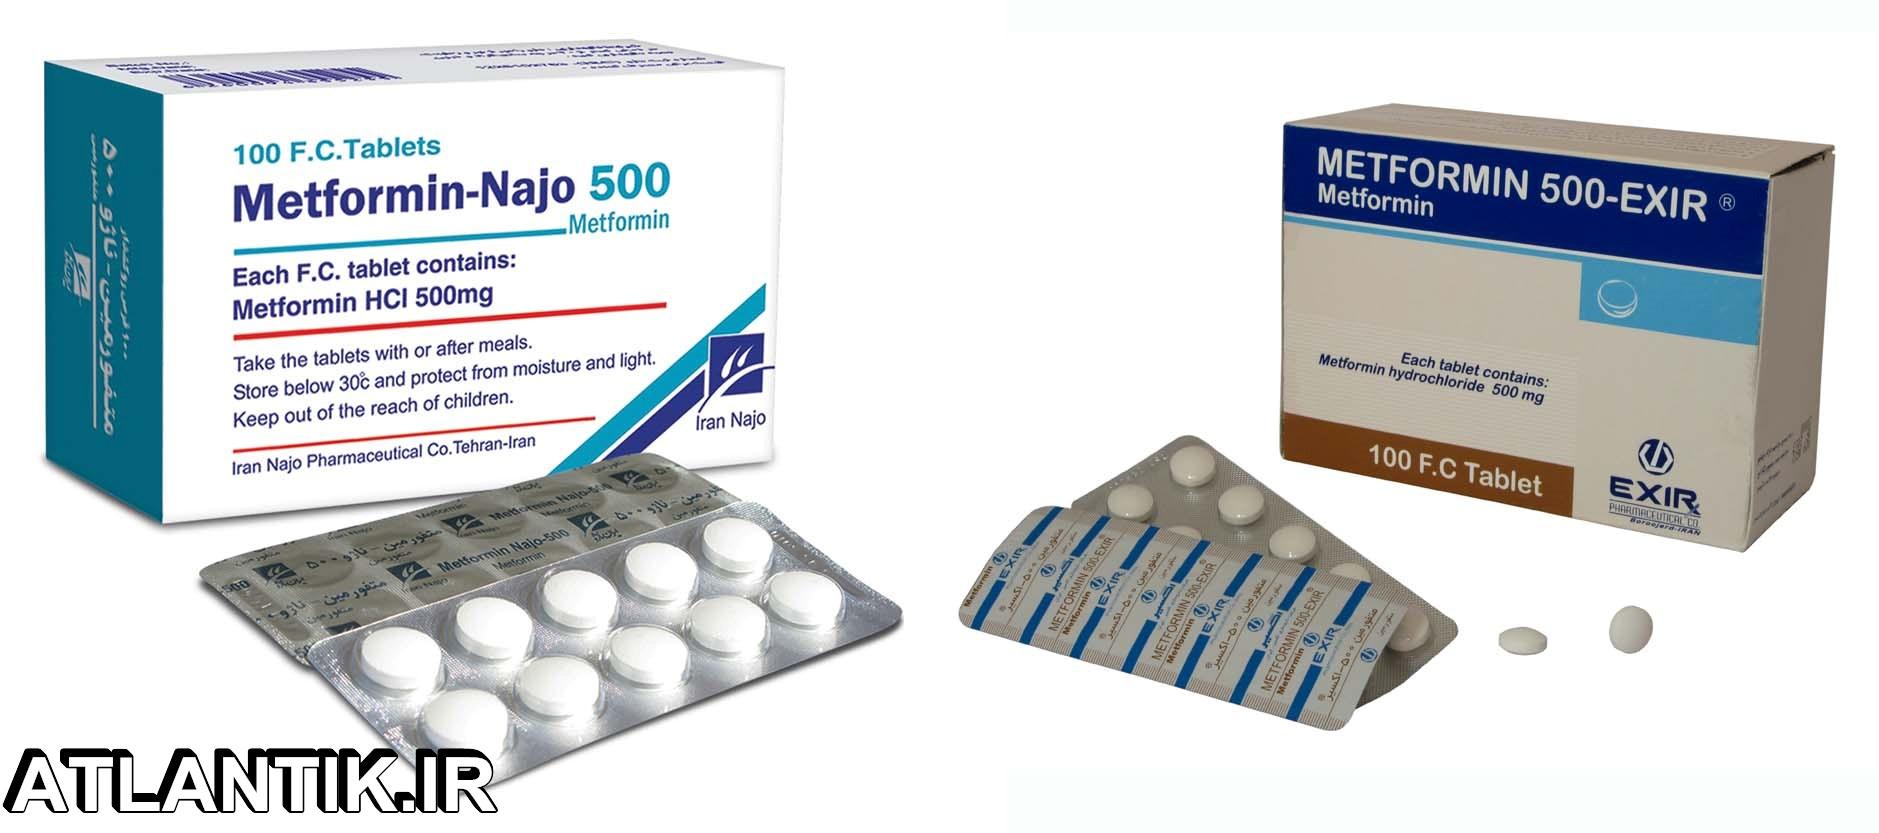 داروشناسي آتلانتيک - معرفي داروي ضد ديابت متفورمین – Metformin